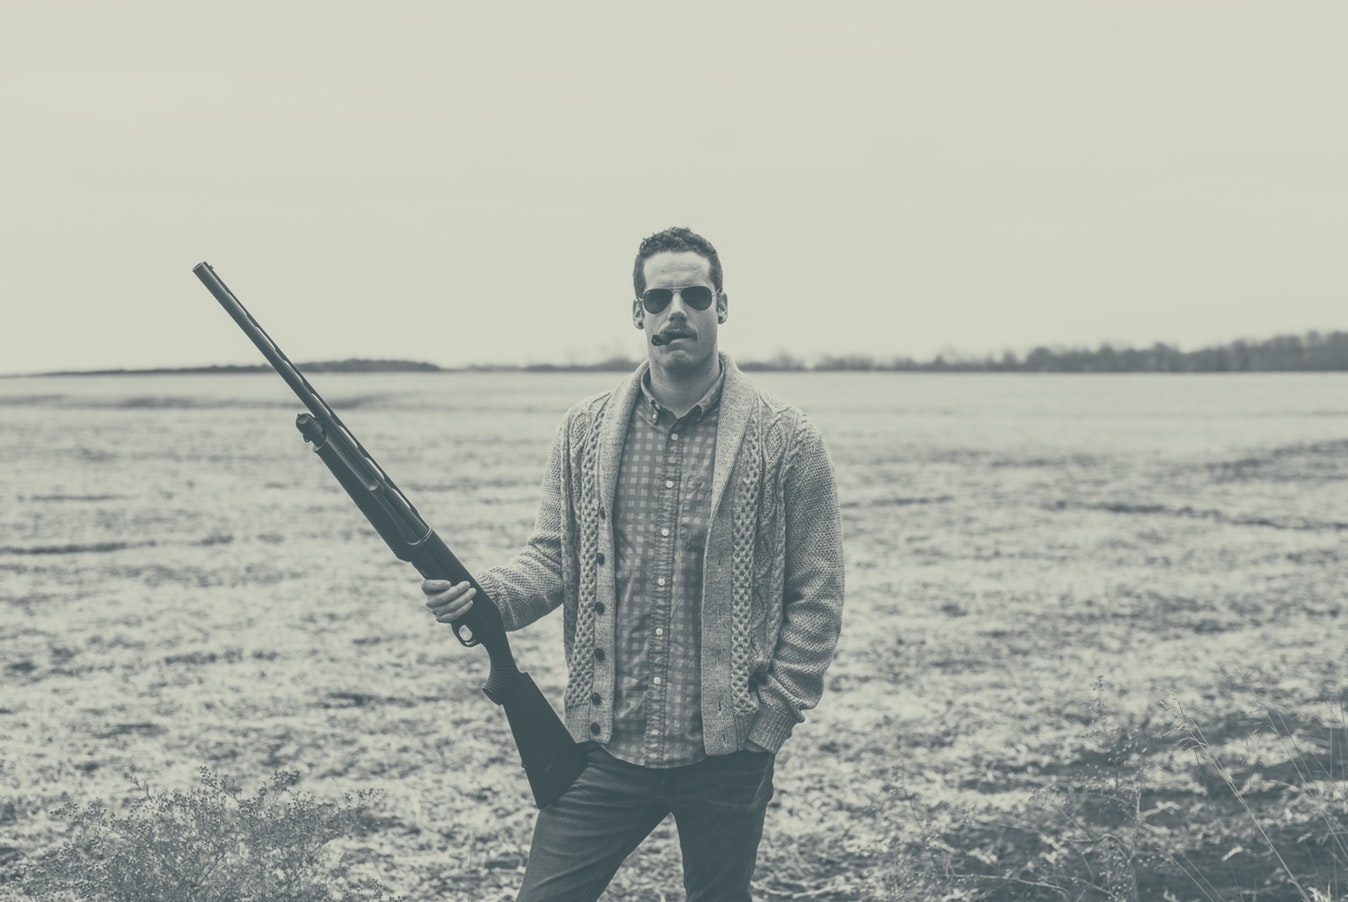 оружие, мужчина, ружье